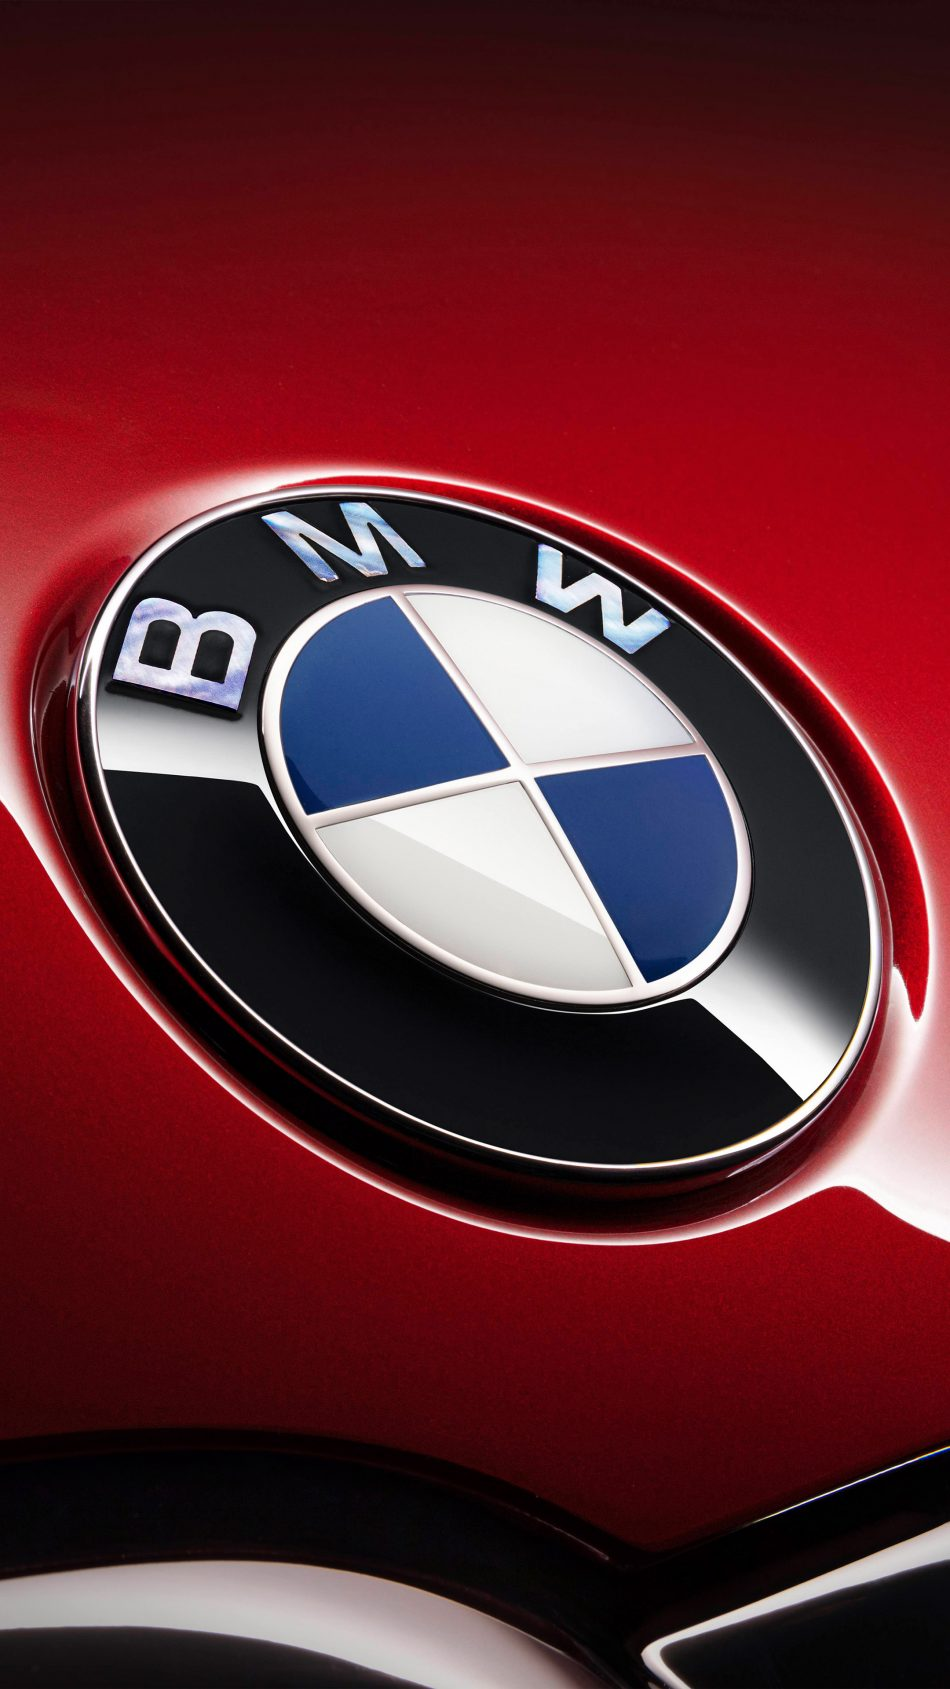 Bmw 7 Series Logo 4k Ultra Hd Mobile Wallpaper Bmw Logo Wallpaper 4k Iphone 2432059 Hd Wallpaper Backgrounds Download